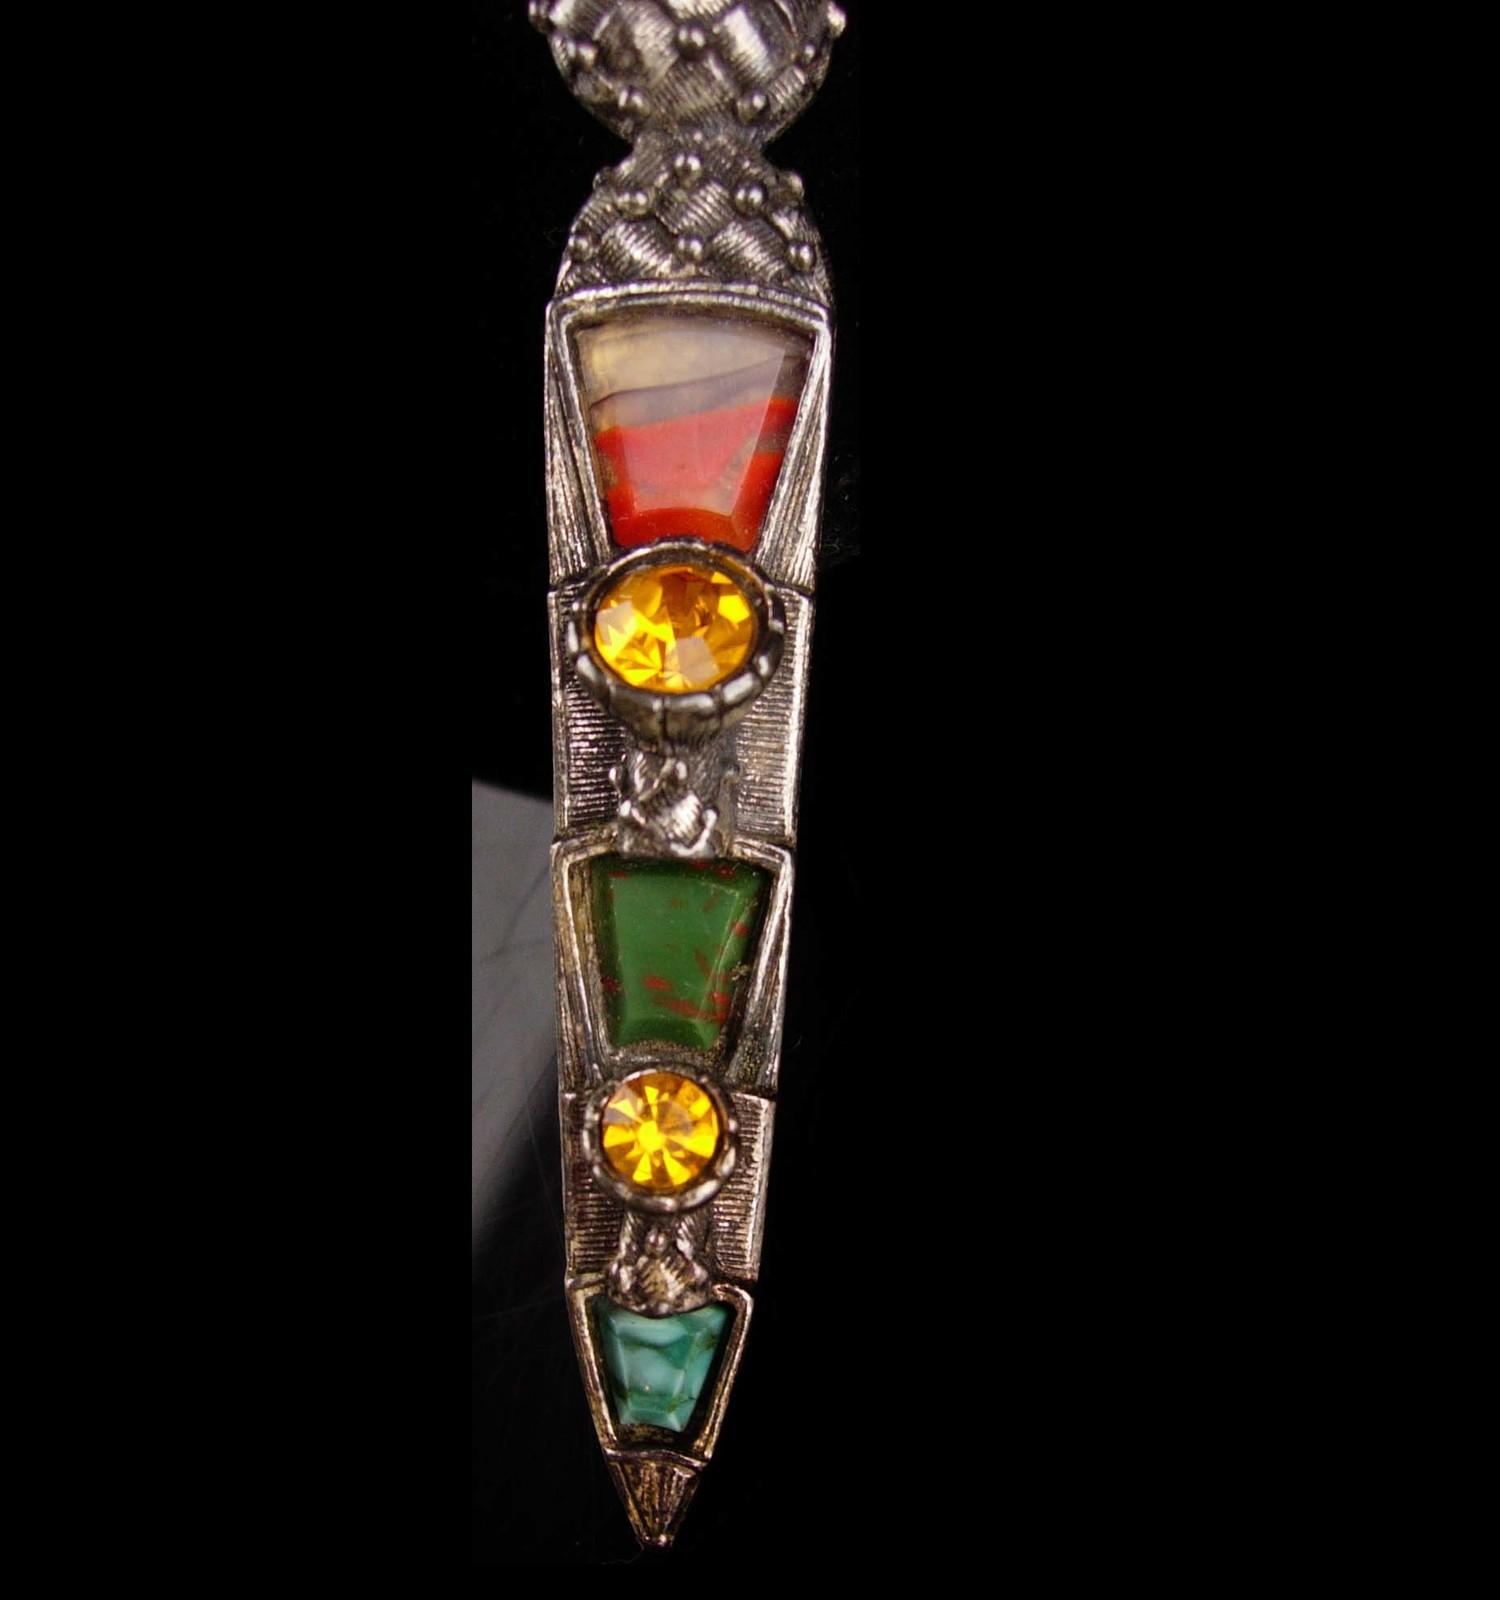 """LARGE Vintage Brooch Scottish Dirk Kilt pin - bloodstone  citrine agate 3 1/2"""" l image 3"""